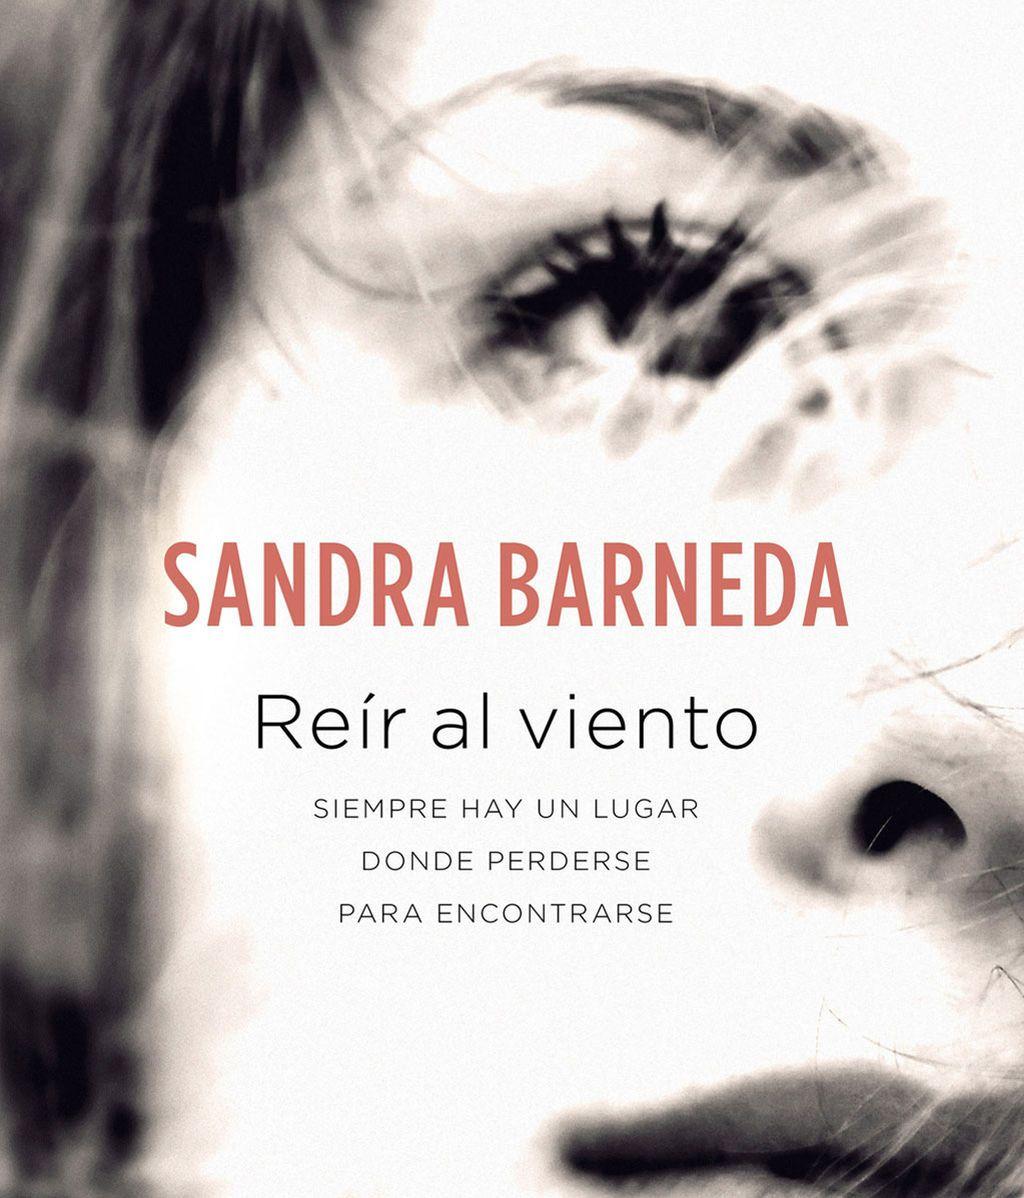 REIR AL VIENTO DE SANDRA BARNEDA